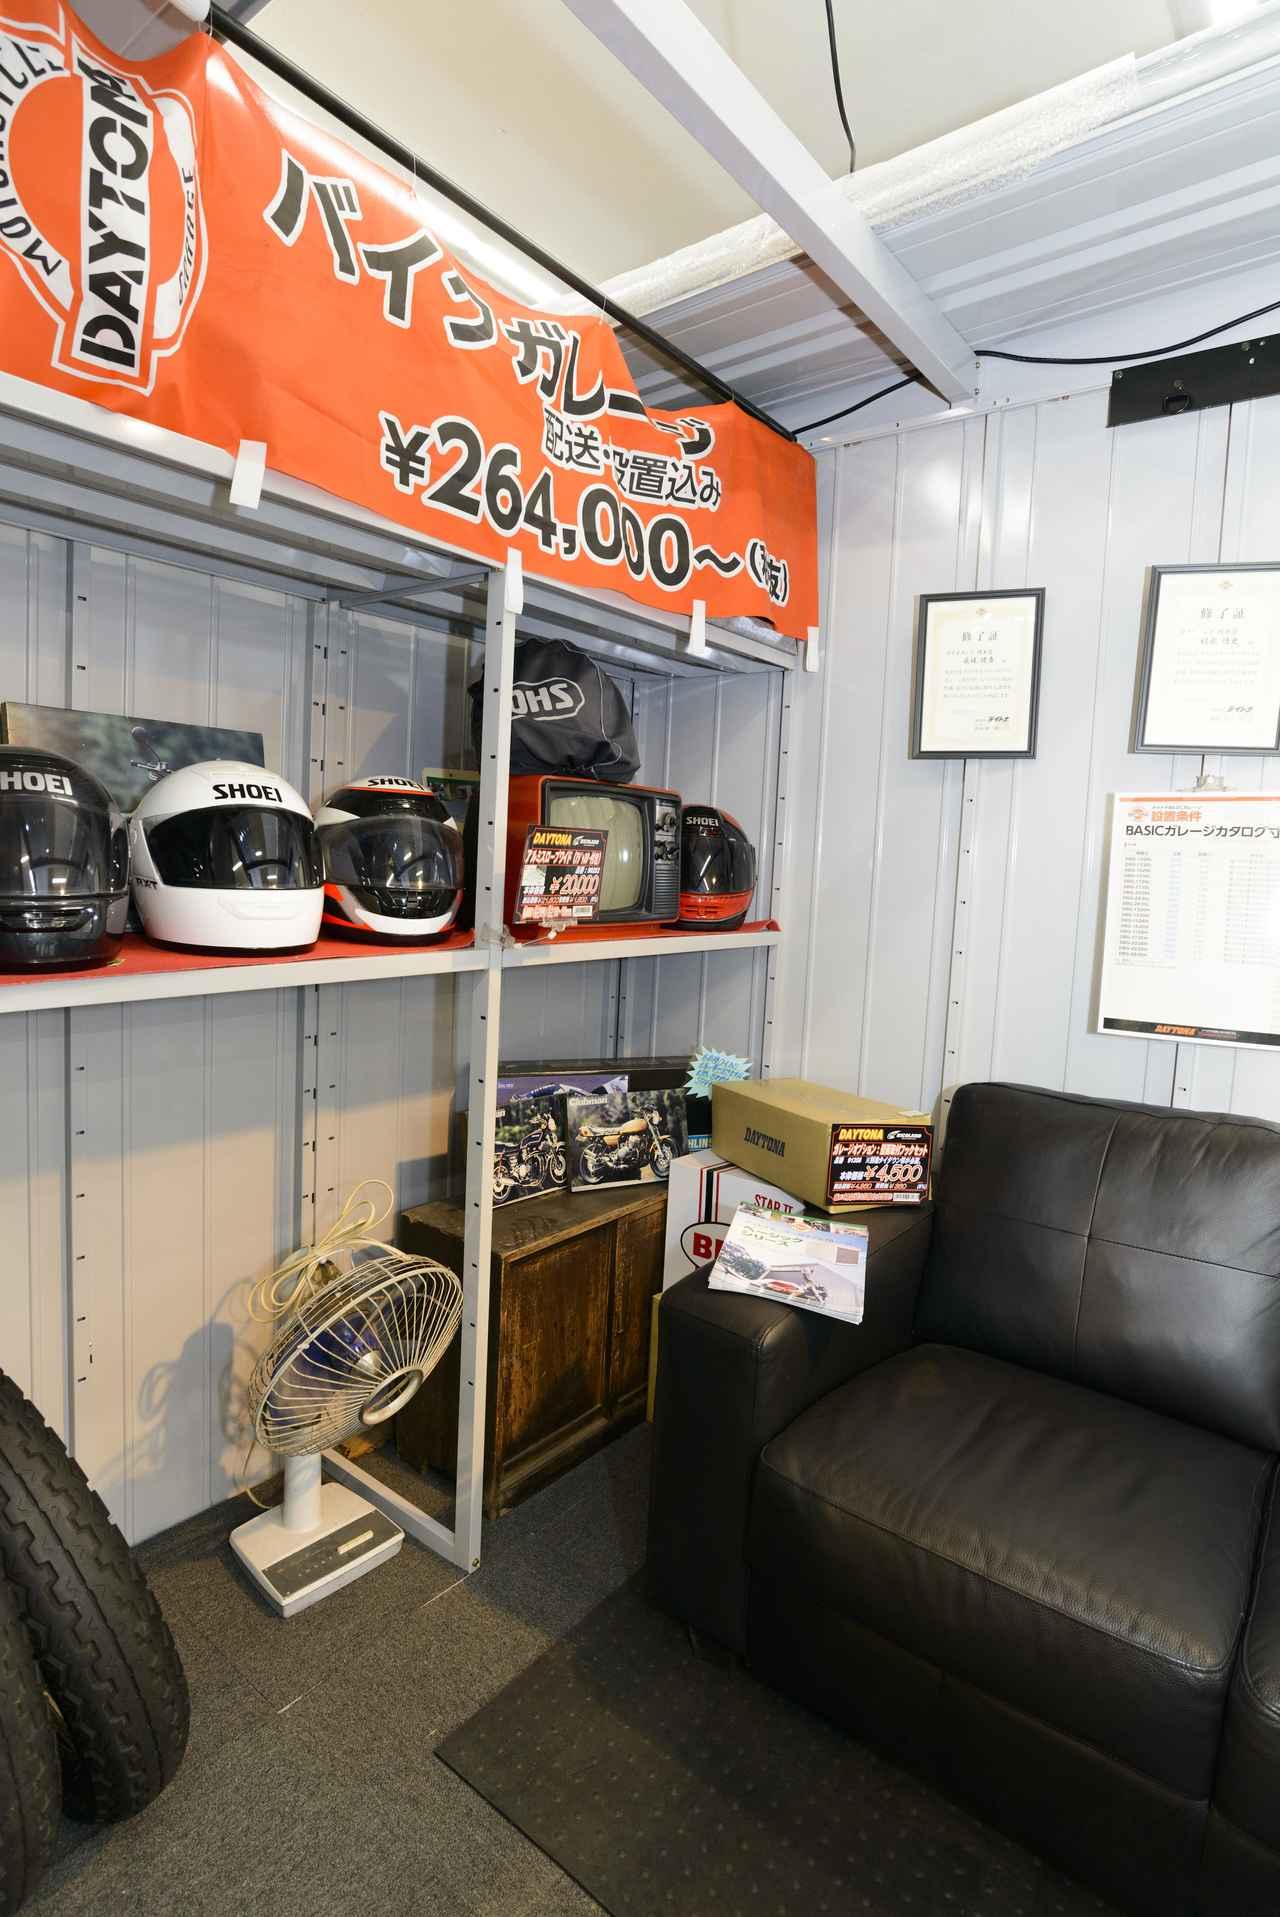 画像: ガレージ奥の棚はタイプによって異なり、1段、もしくは2段用意されています。ライコンランド埼玉店さんの展示ガレージには、昭和テイストの小物が陳列されている。